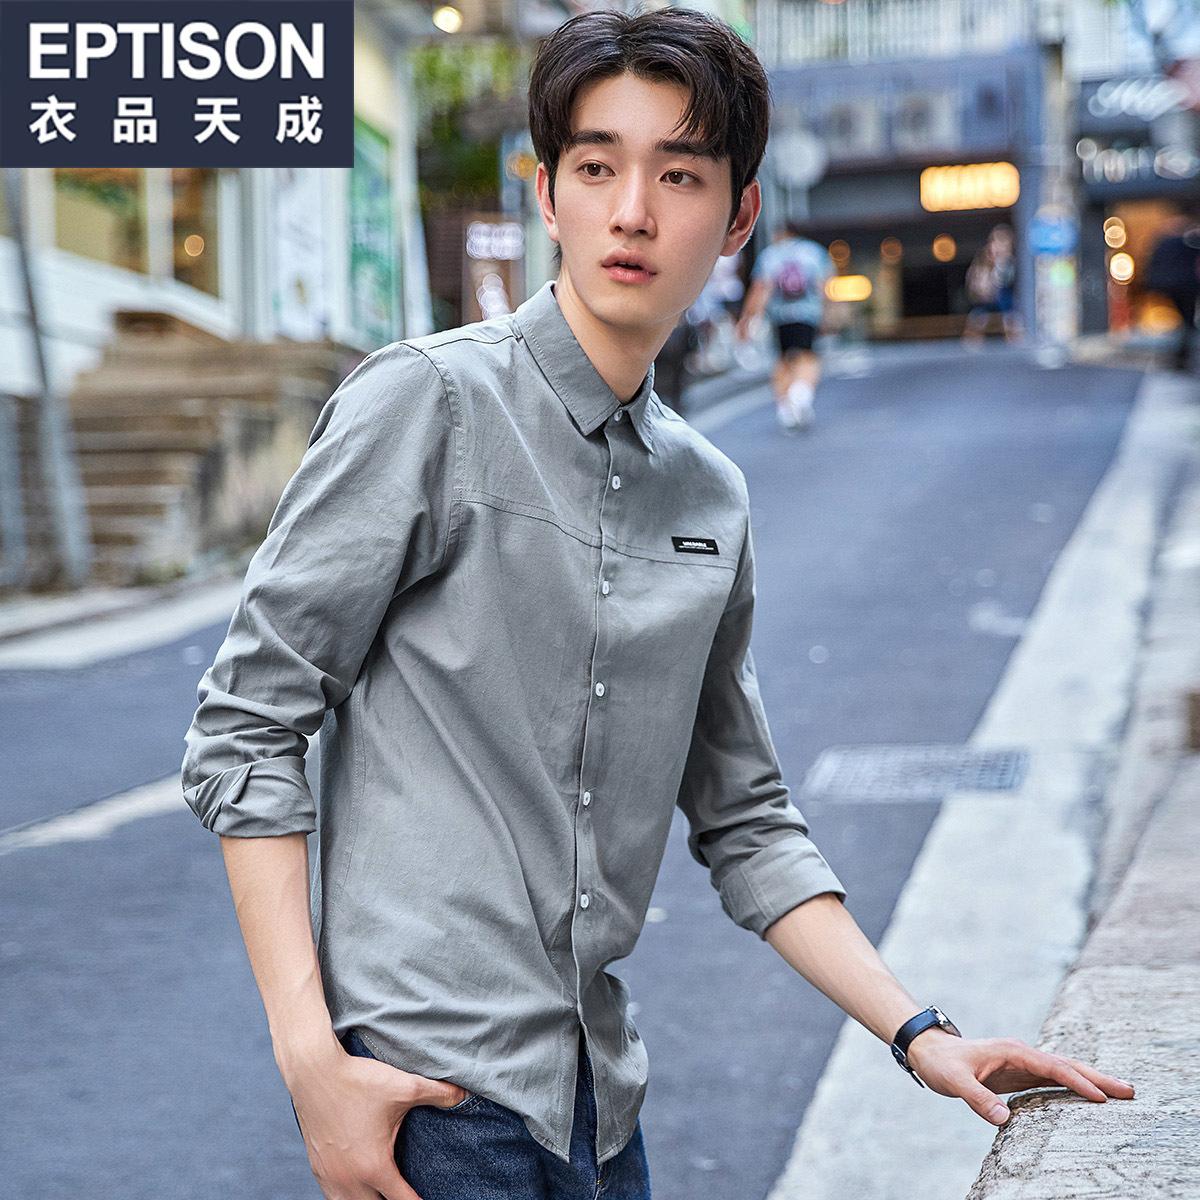 衣品天成秋季清仓长袖衬衫男装潮流韩版纯色纯棉简约青年衬衣